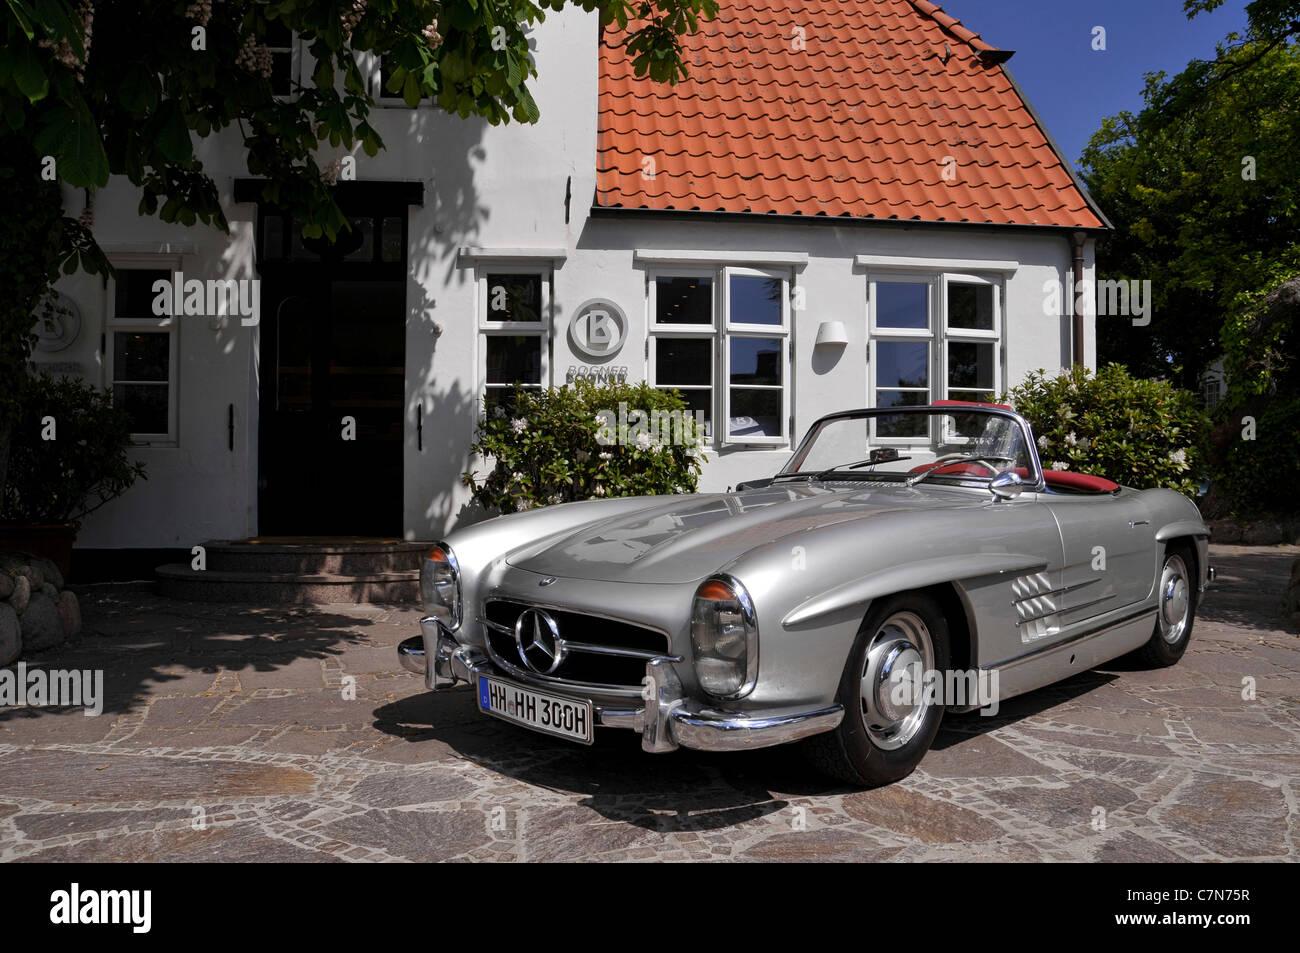 Mercedes Benz 300 SL Cabriolet vintage car, altered registration ...